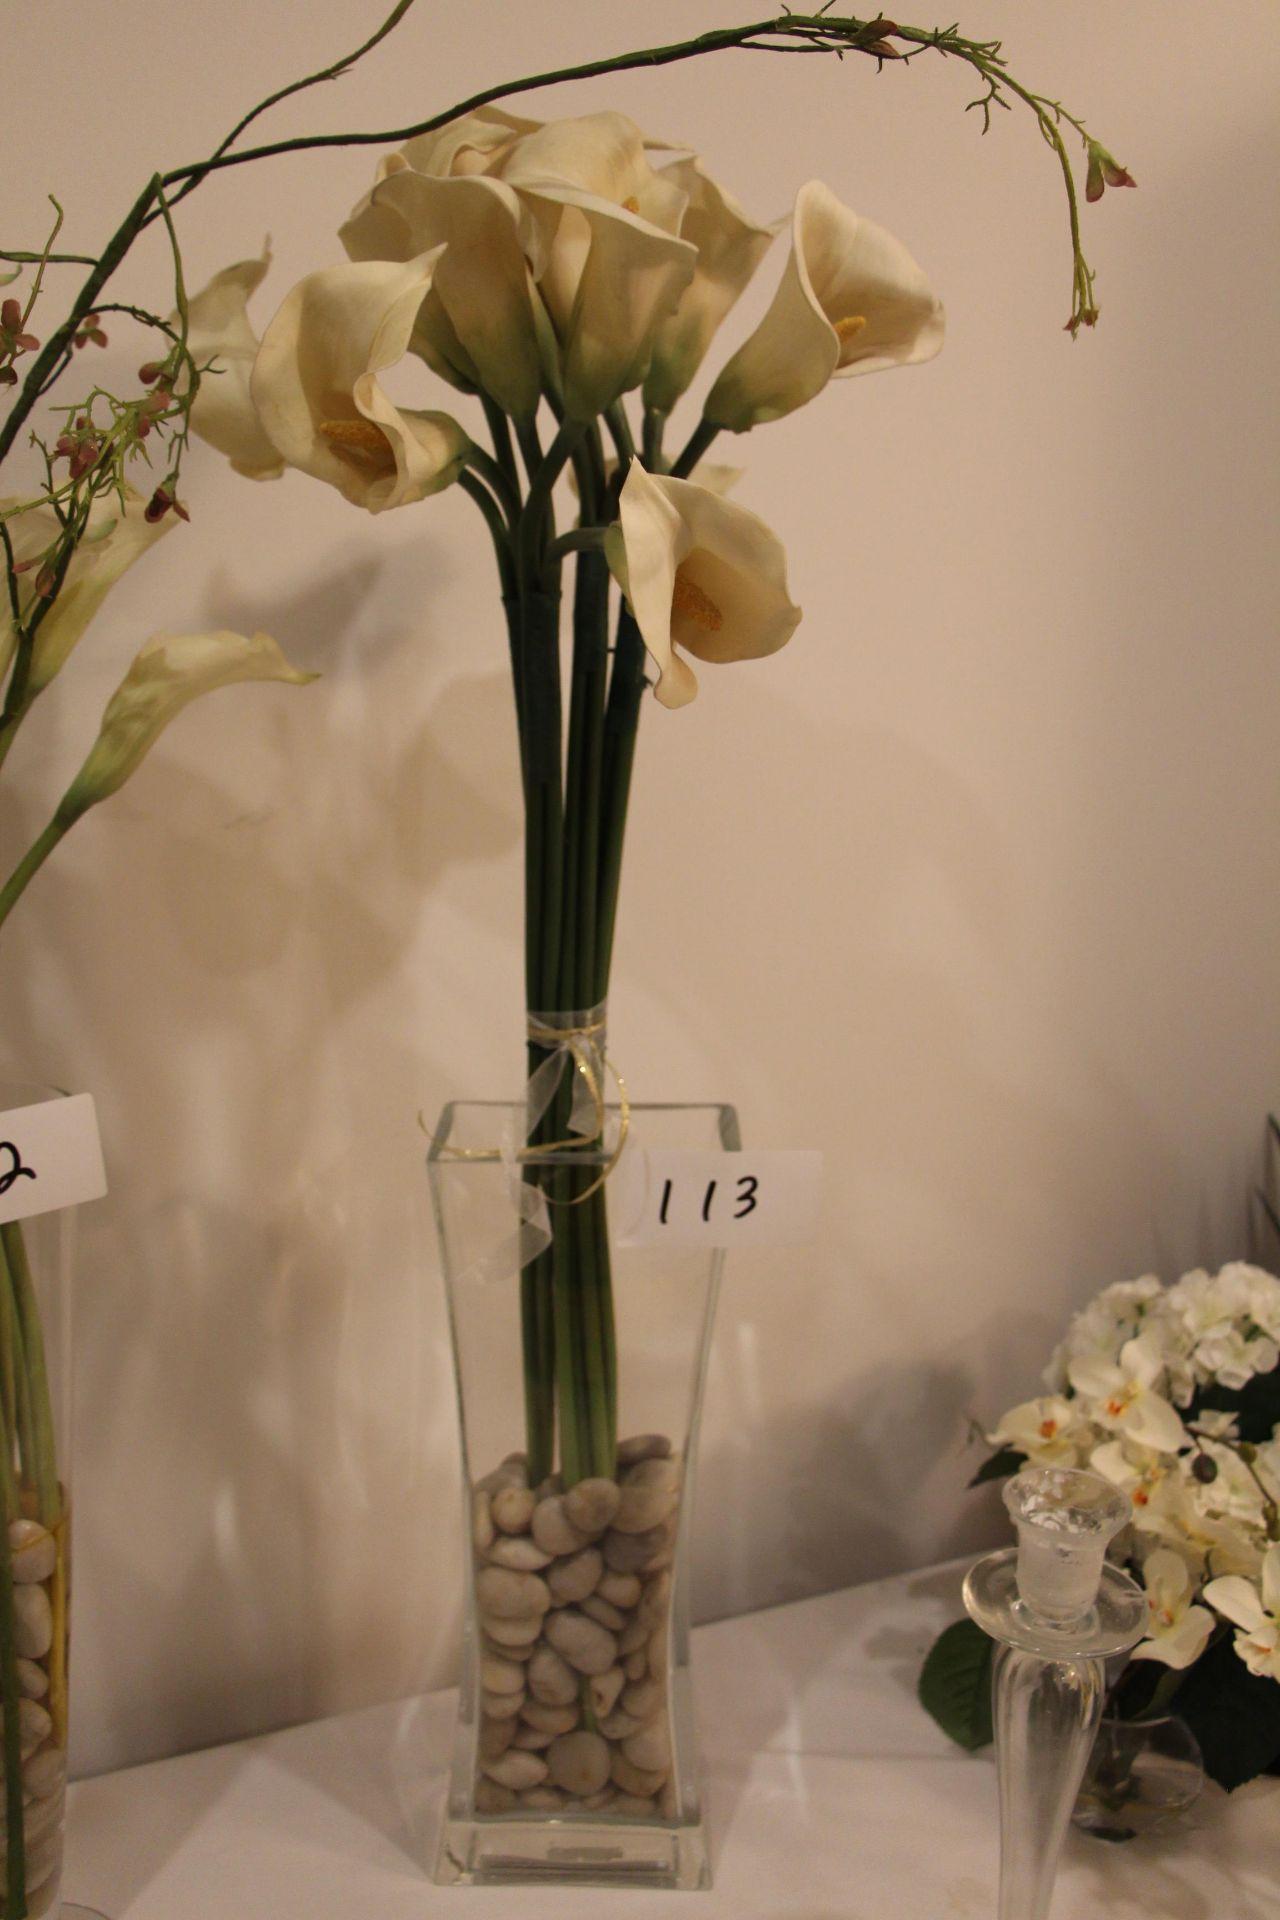 Lot 113 - Faux flower arrangement w/ glass vase